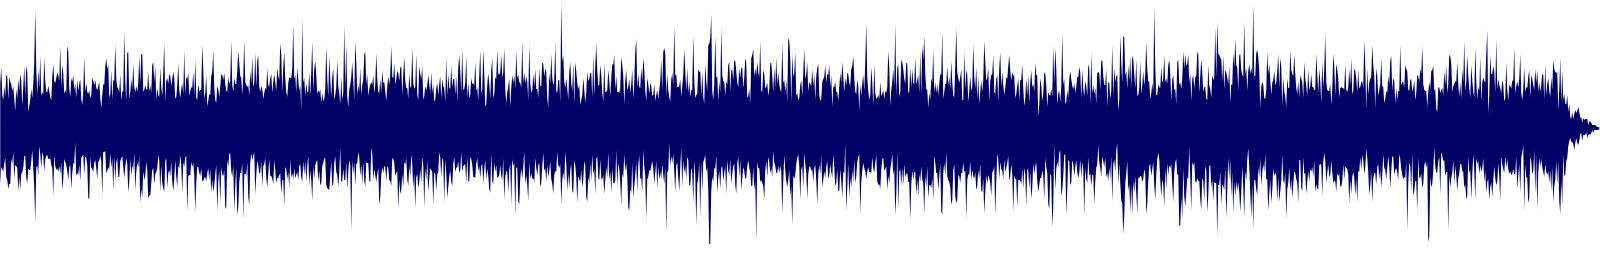 waveform of track #151470